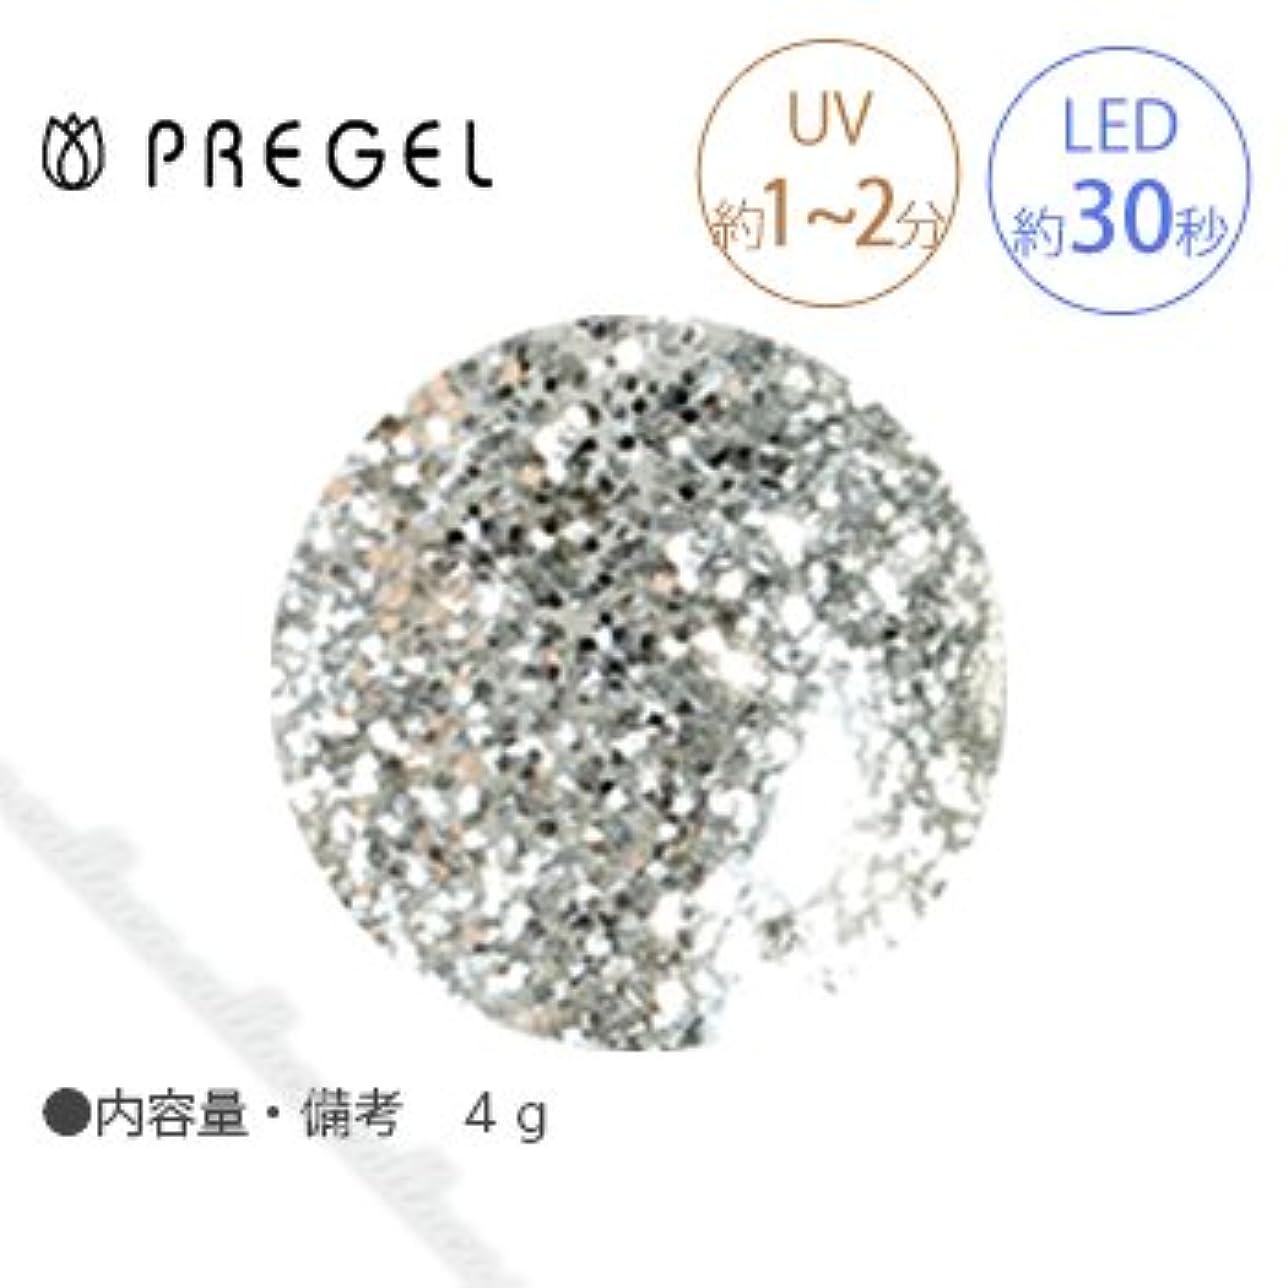 アーチ安全性四半期【PREGEL】 プリジェル カラーEX ダイヤモンドシリーズ ダイヤモンドシルバー PG-CE400 4g